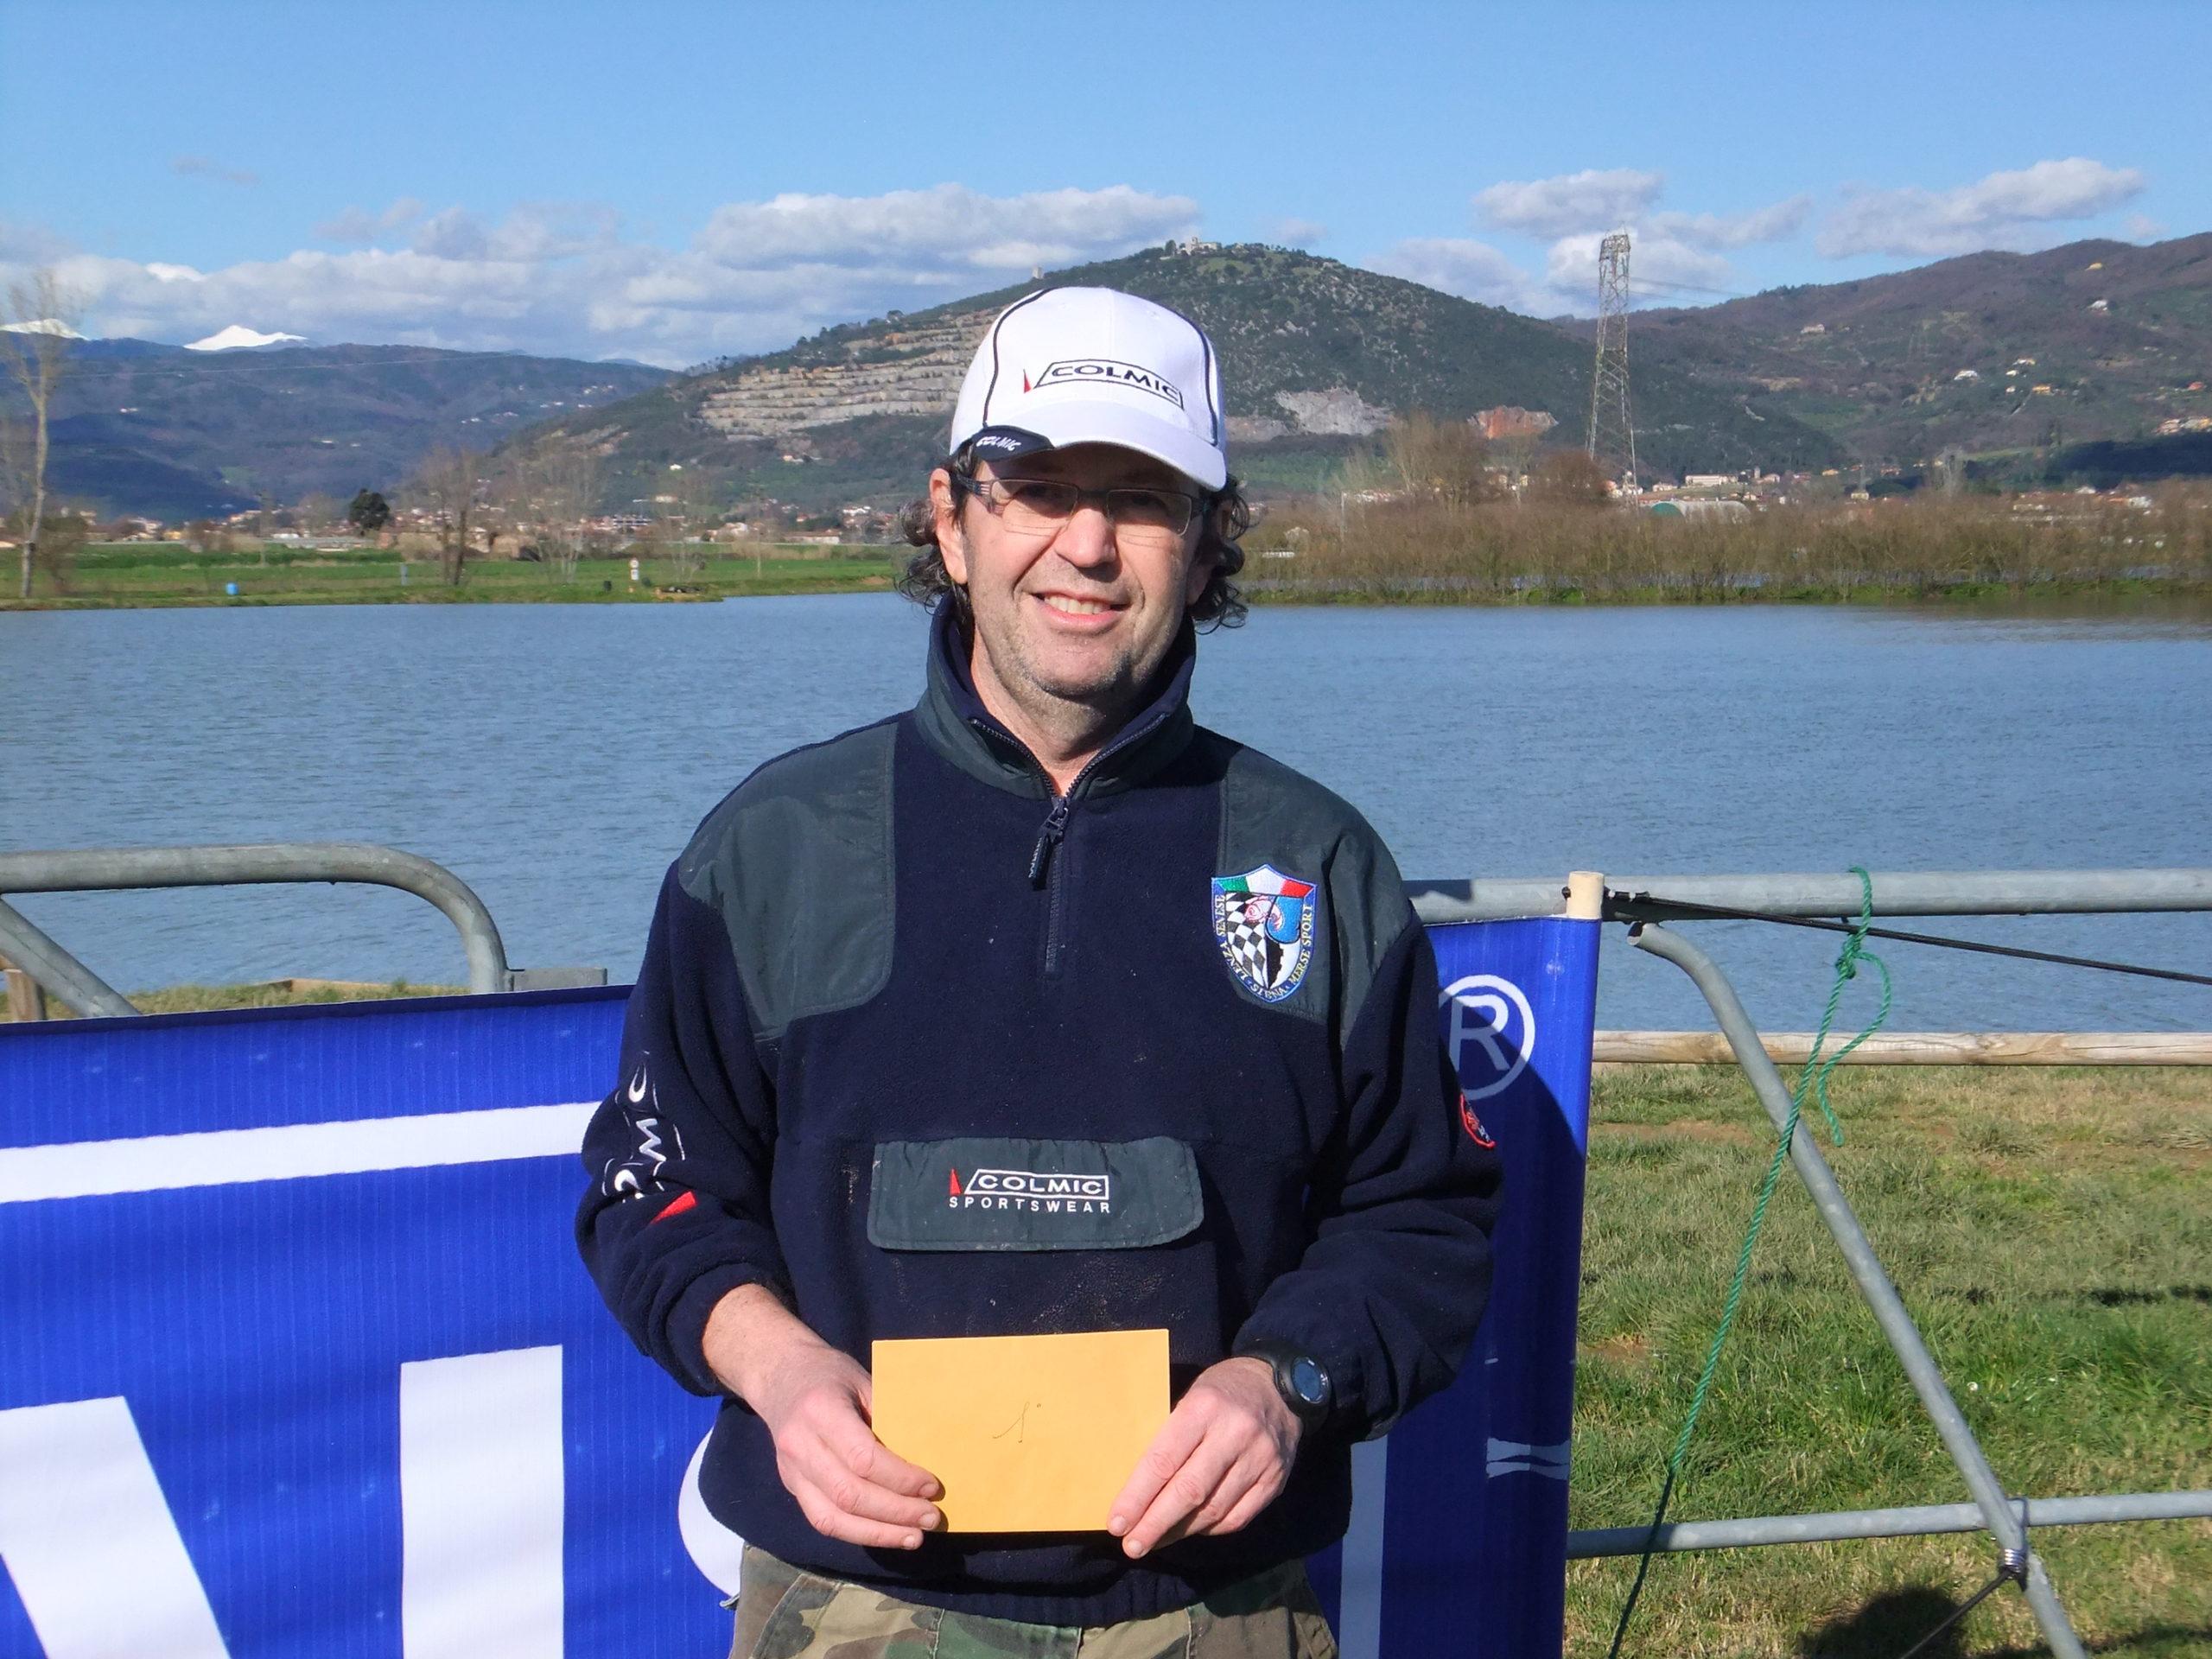 Stefano Pacciani